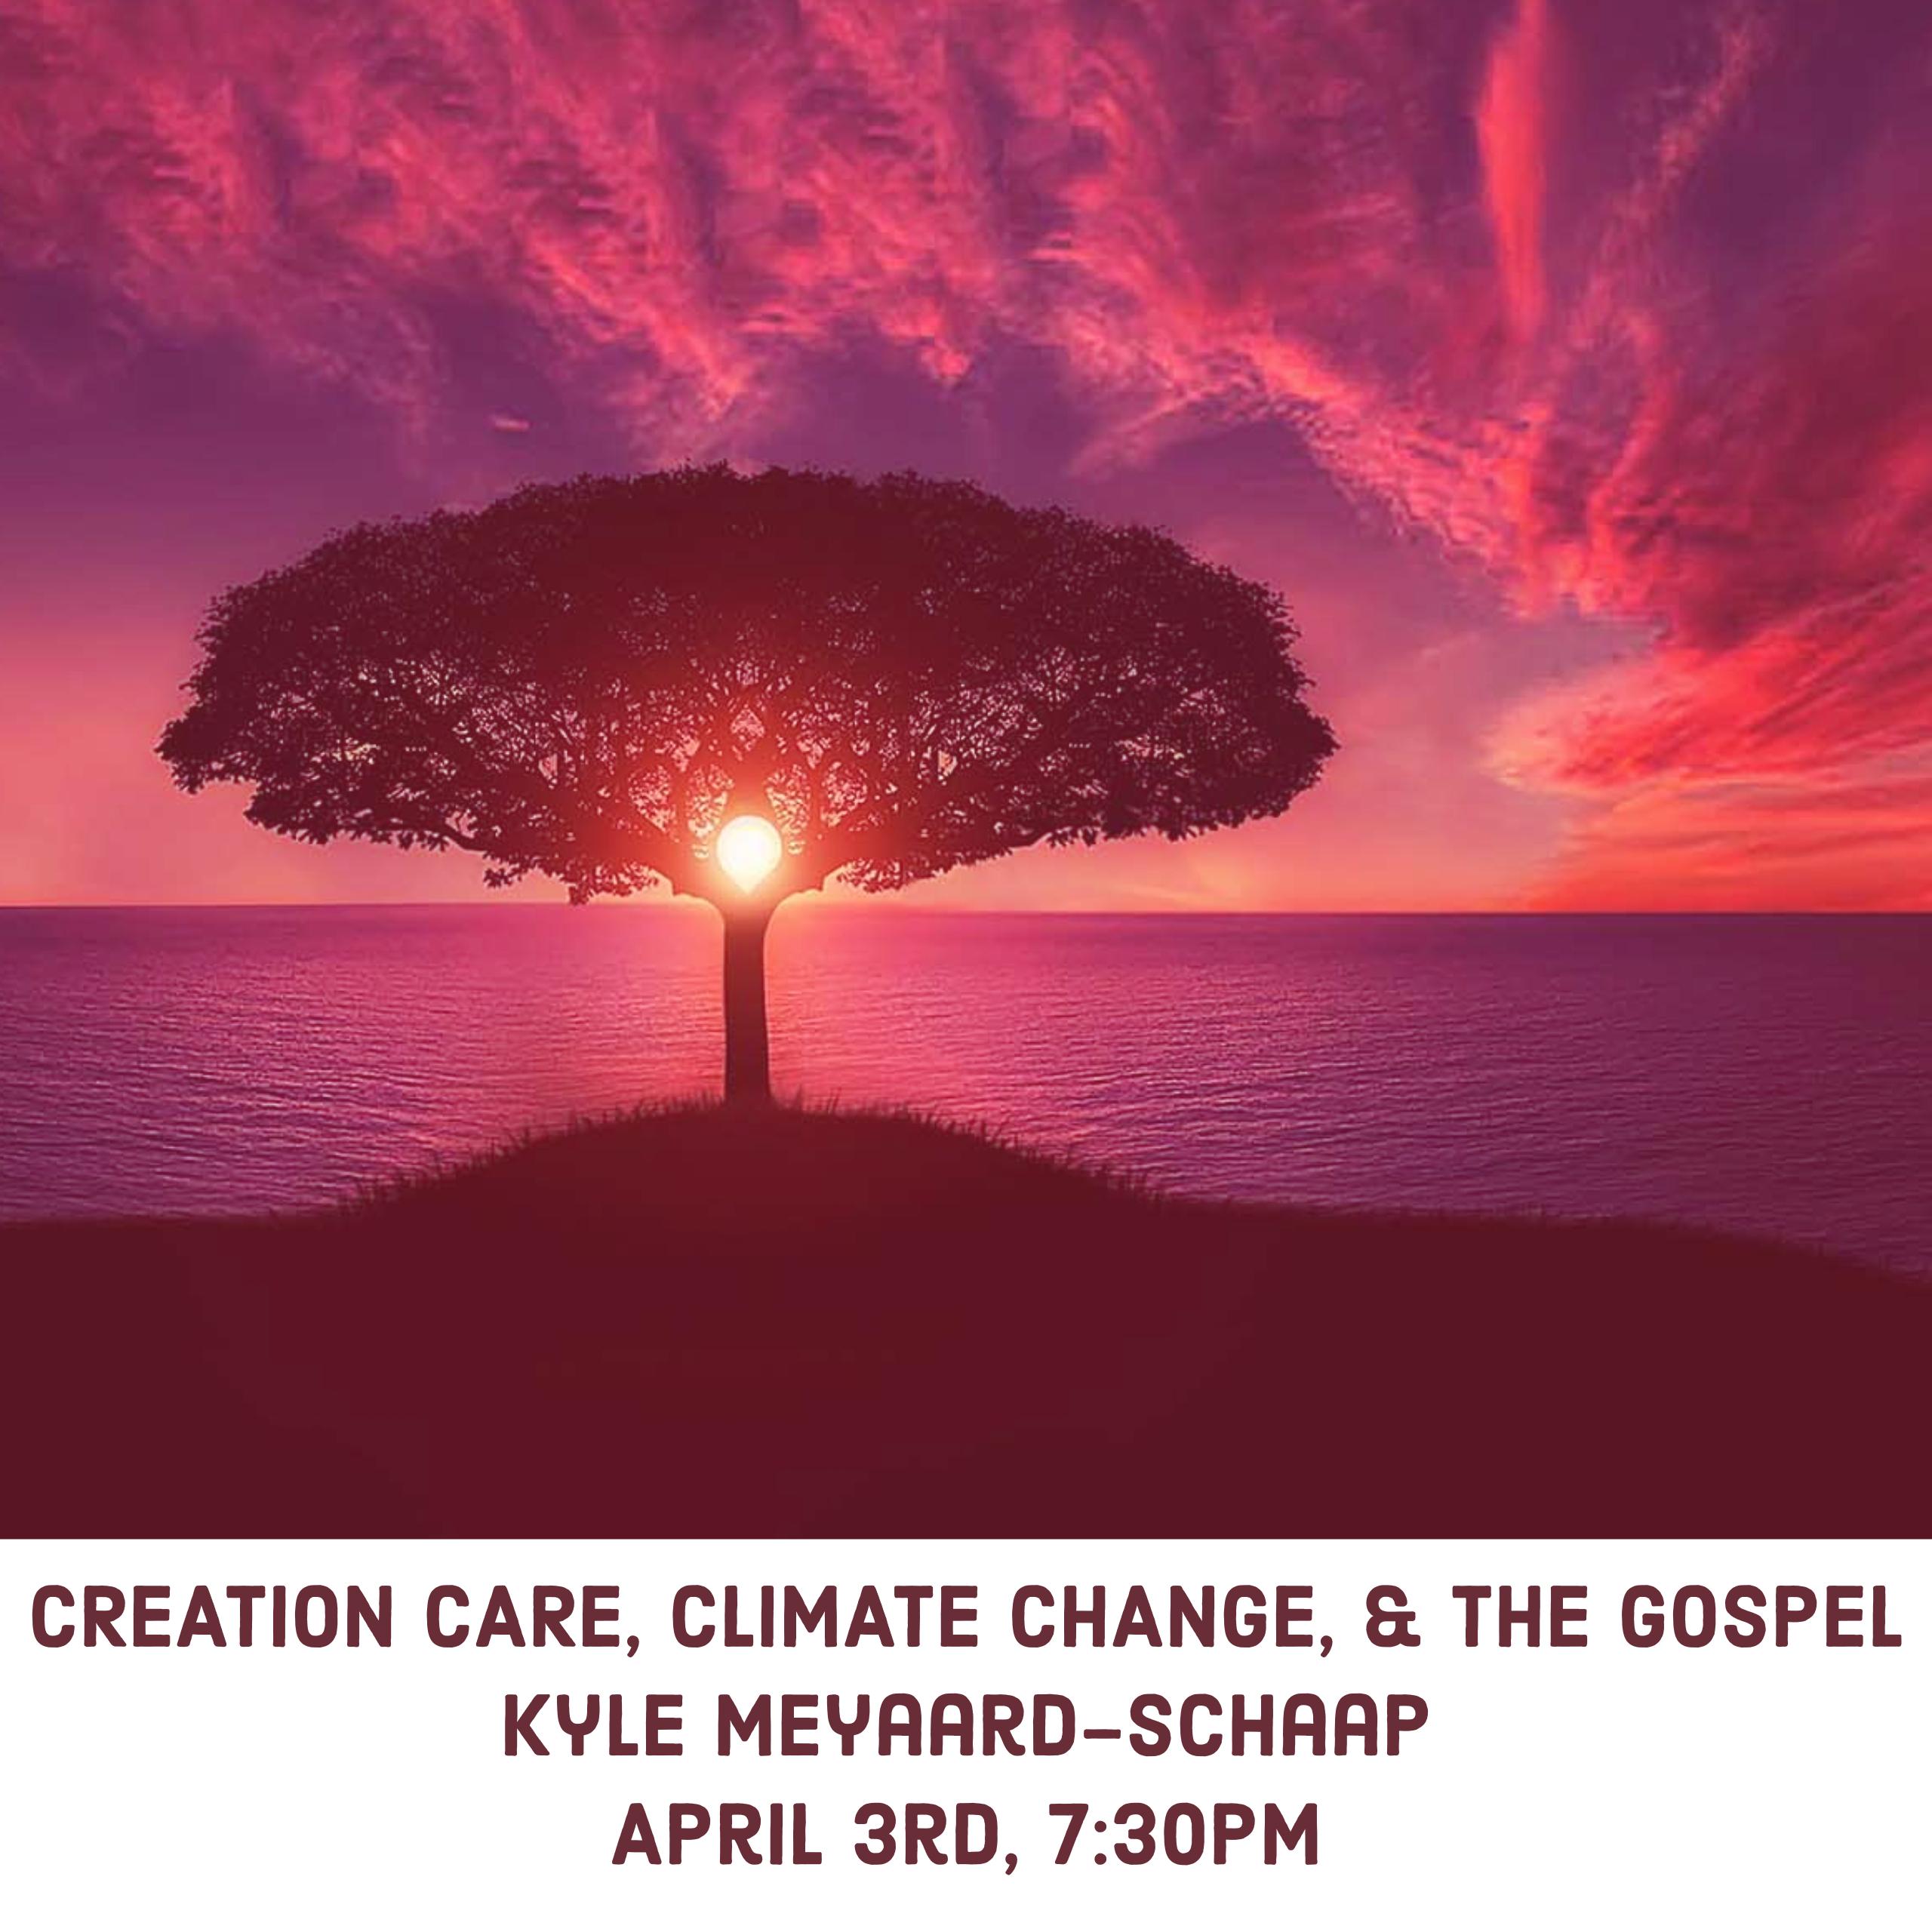 creationcare